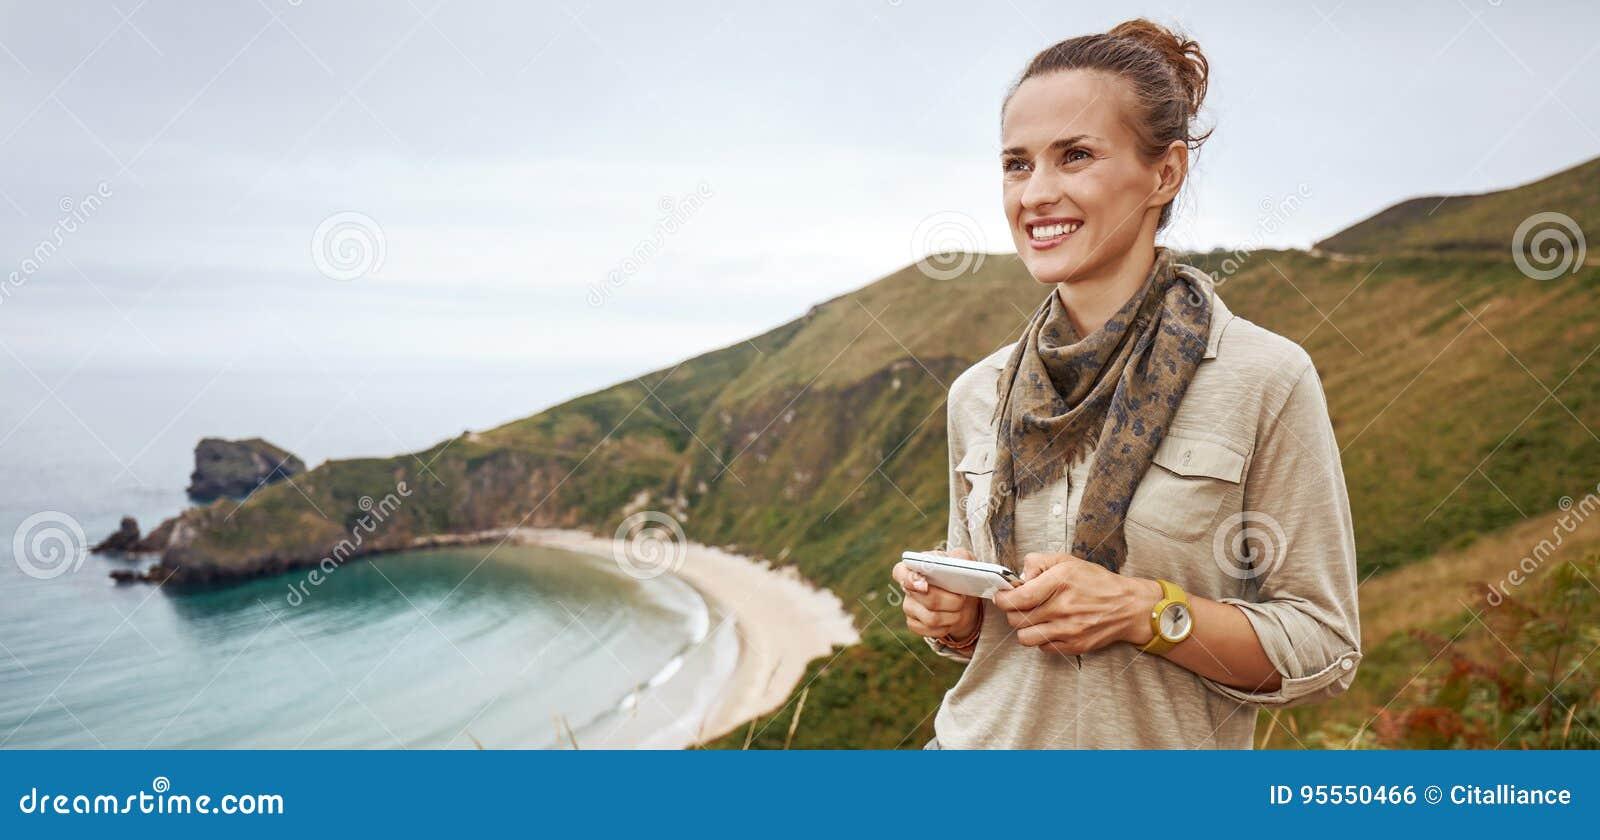 Счастливые sms сочинительства hiker женщины перед ландшафтом вида на океан